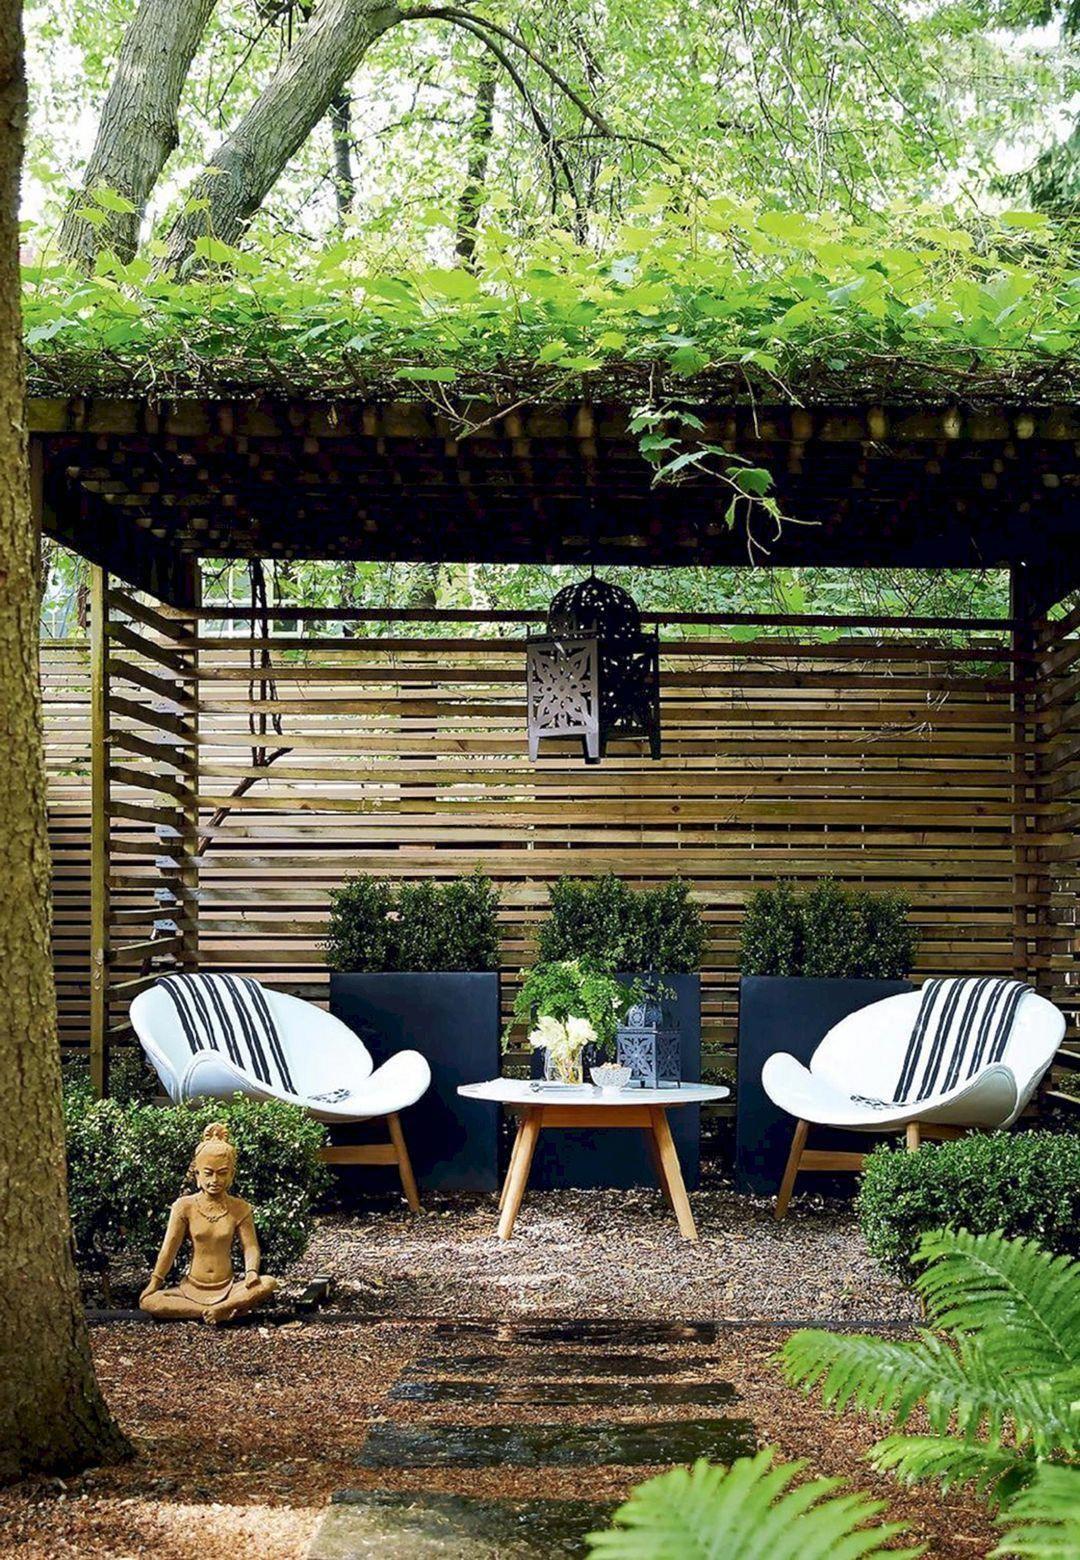 76 beautiful zen garden ideas for backyard 690 | a place to